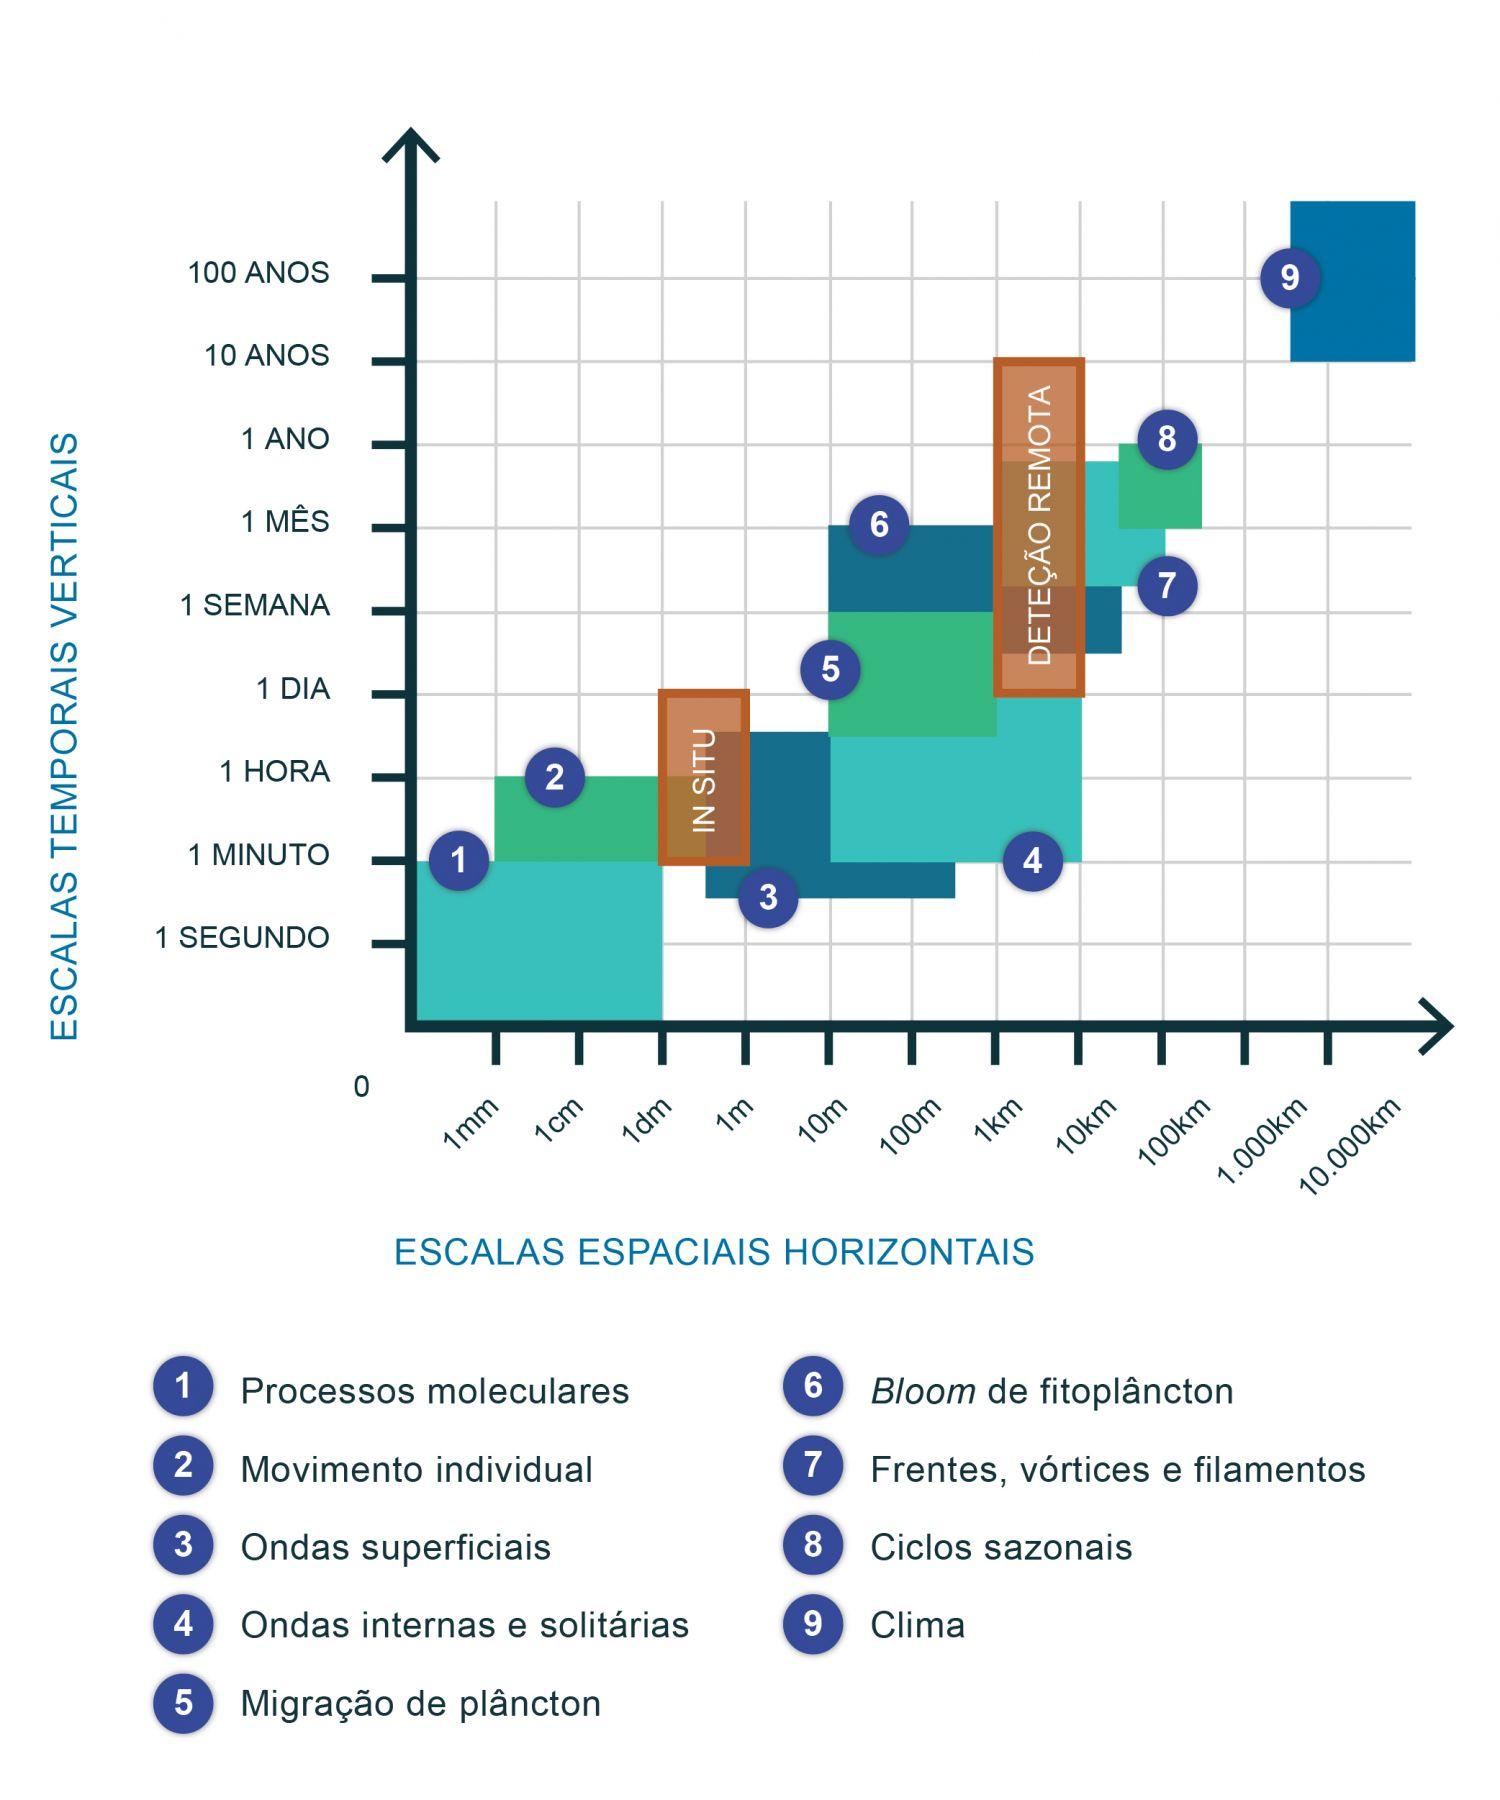 Escalas espácio-temporais de diferentes processos biogeoquímicos e das metodologias in situ e satélite. As medições feitas in situ, a bordo de navios ou por sondas submersas, são medições pontuais que cobrem uma área pouco extensa, assim como apenas fornecem dados durante um tempo limitado. As imagens obtidas por deteção remota, além de permitirem um estudo em grandes áreas, também permitem um estudo da evolução das condições ao longo do tempo, já que um satélite é desenhado para durar alguns anos. Isto permite aplicações sazonais, anuais e até à escala de poucas décadas. A figura ilustra as escalas temporal e espacial associadas a diferentes processos, comparando a aplicabilidade do método in situ e da deteção remota. A utilização deste ficheiro é regulada nos termos da licença Creative Commons Attribution 4.0 (CC BY-NC-ND 4.0, https://creativecommons.org/licenses/by-nc-nd/4.0/)